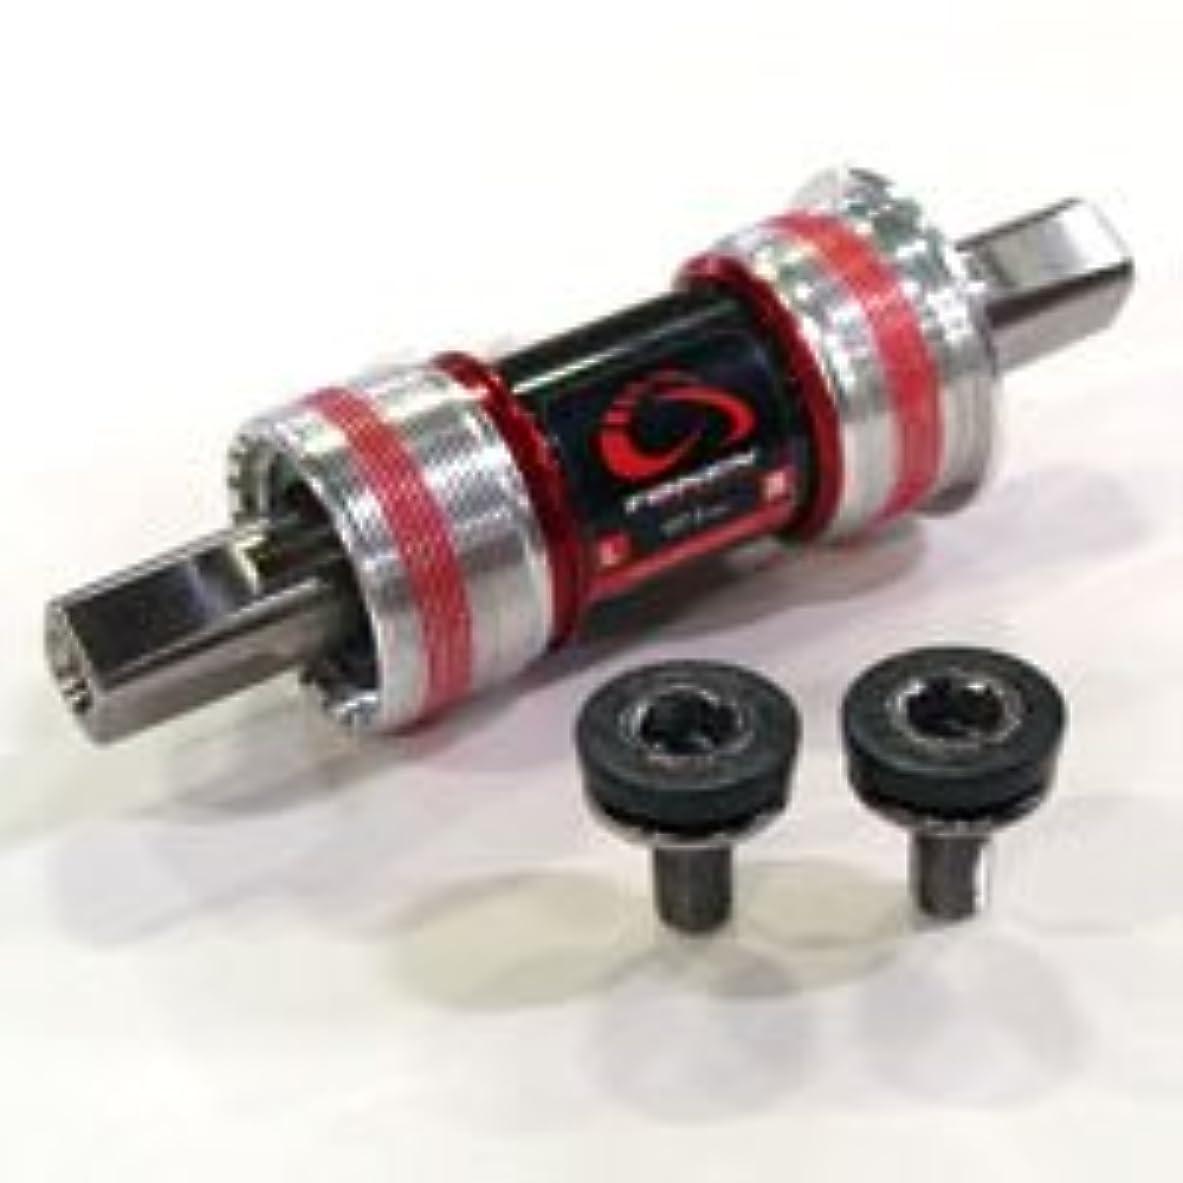 つまらない出発死んでいるFSA RPM CARTRIDGE 7418AL 軸長116mm BC1.37*24 幅68mm 軽量 ボトムブラケット アルミ合金キャップ シールドベアリング